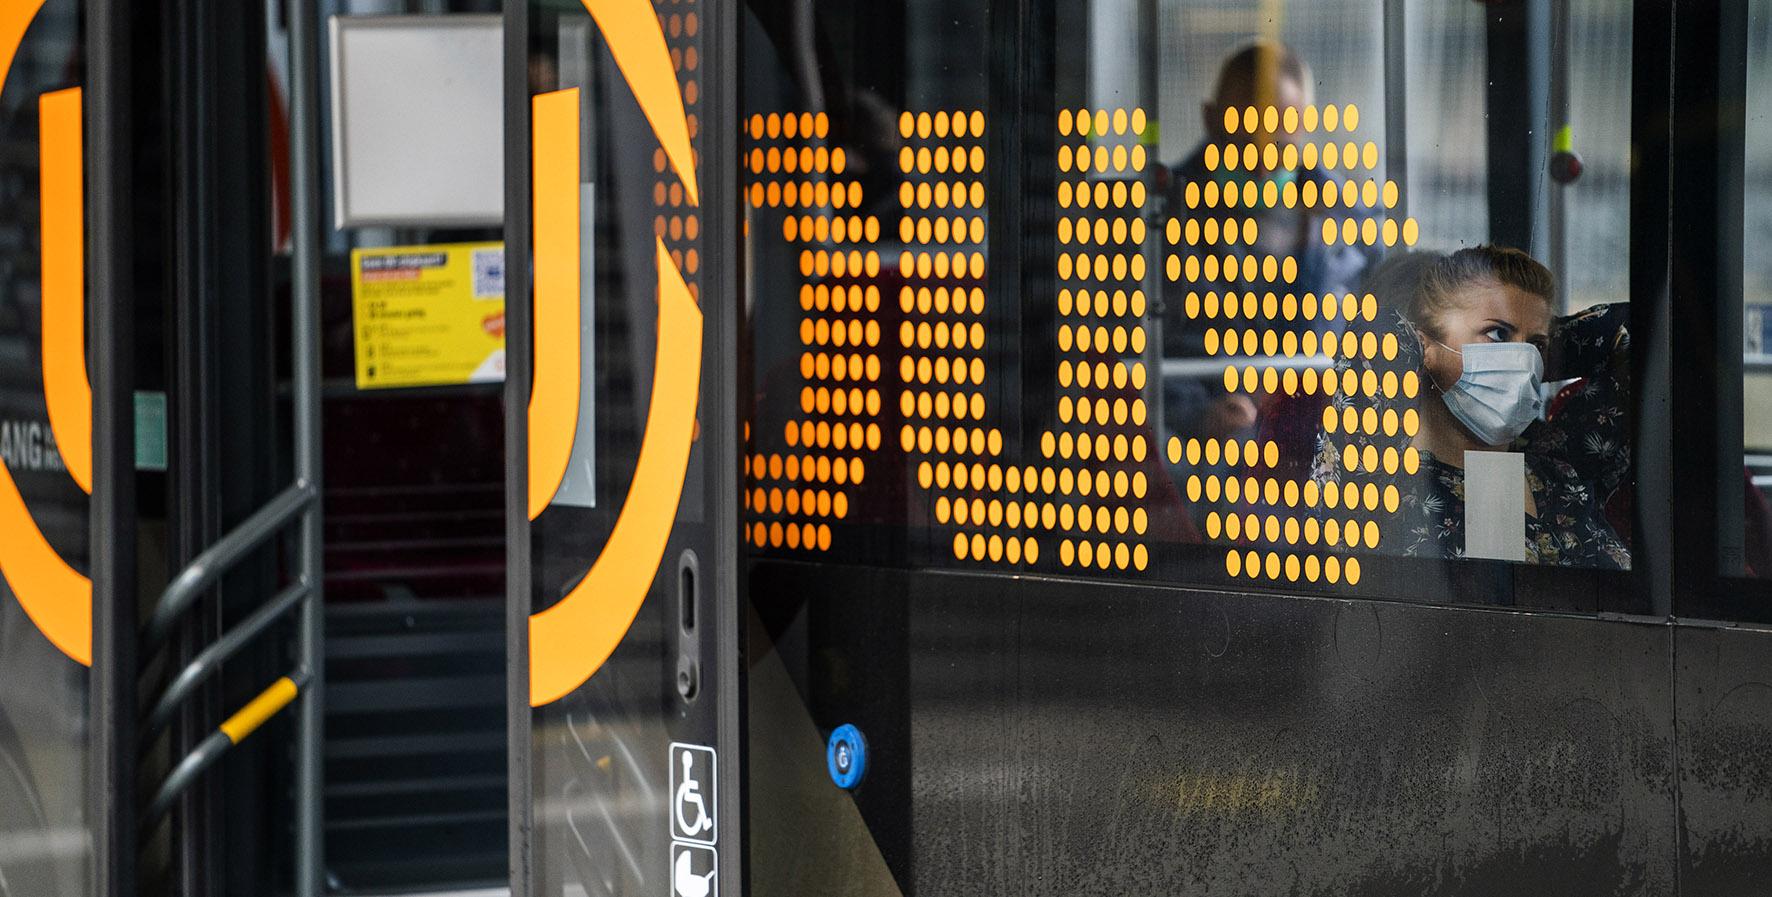 Op deze foto zie je een bus